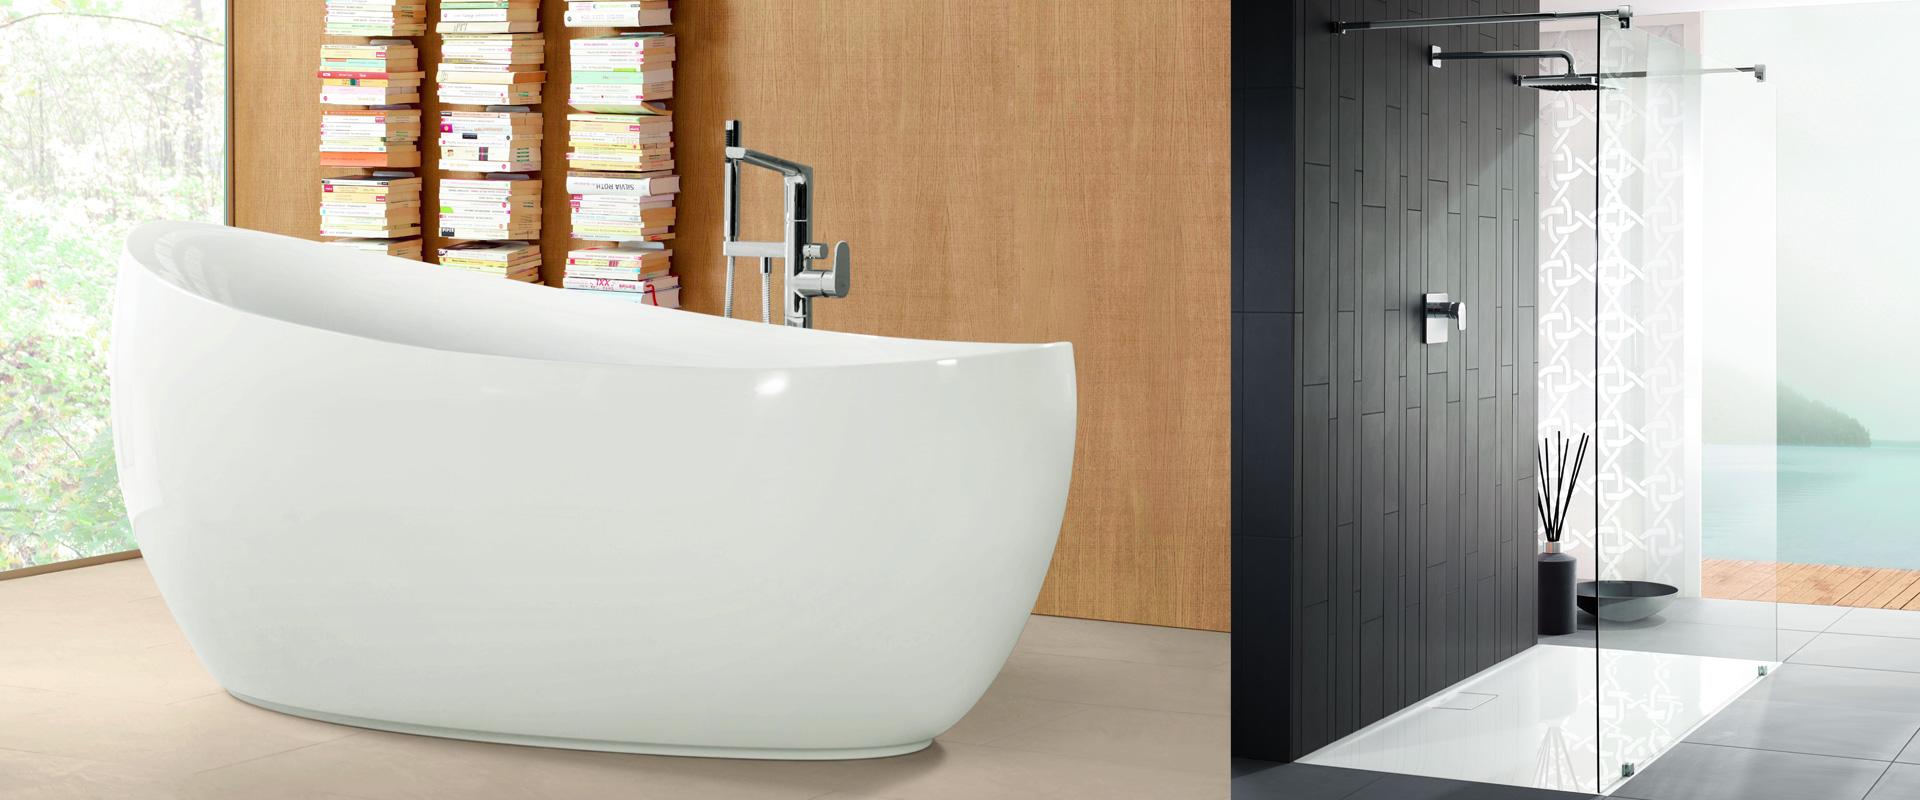 Acryl en Quaryl - Onderhoudsvriendelijke materialen - Villeroy & Boch